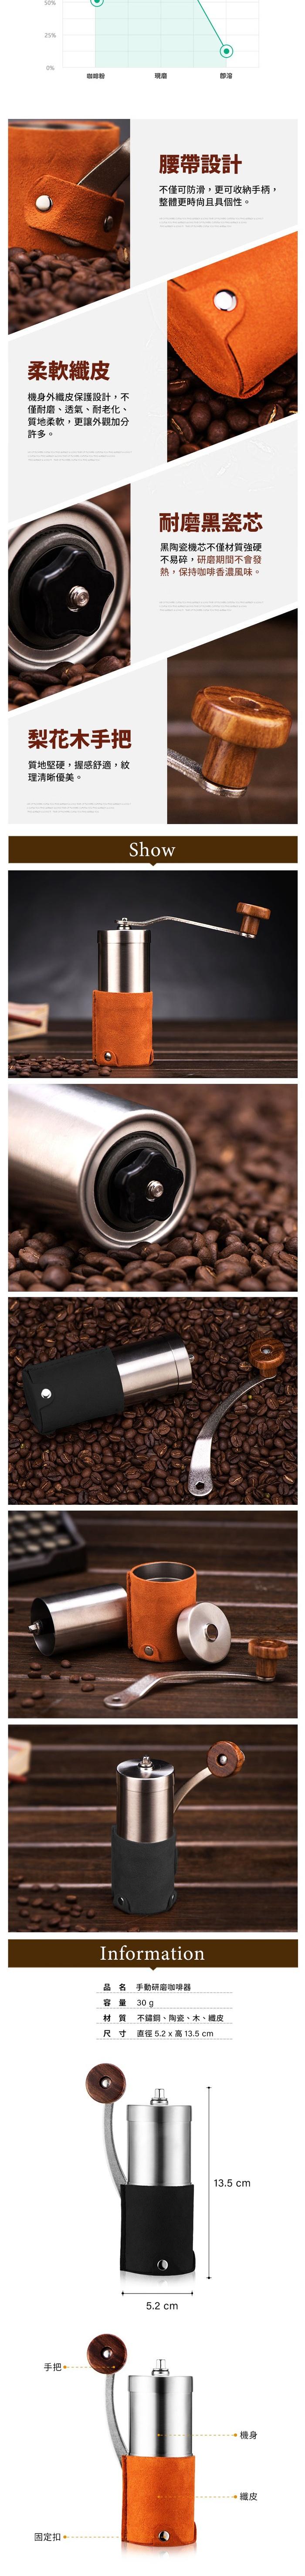 (複製)PO:Selected|丹麥手沖咖啡禮盒組(手沖咖啡壺-黑/隨行保溫咖啡杯350ml-藍)